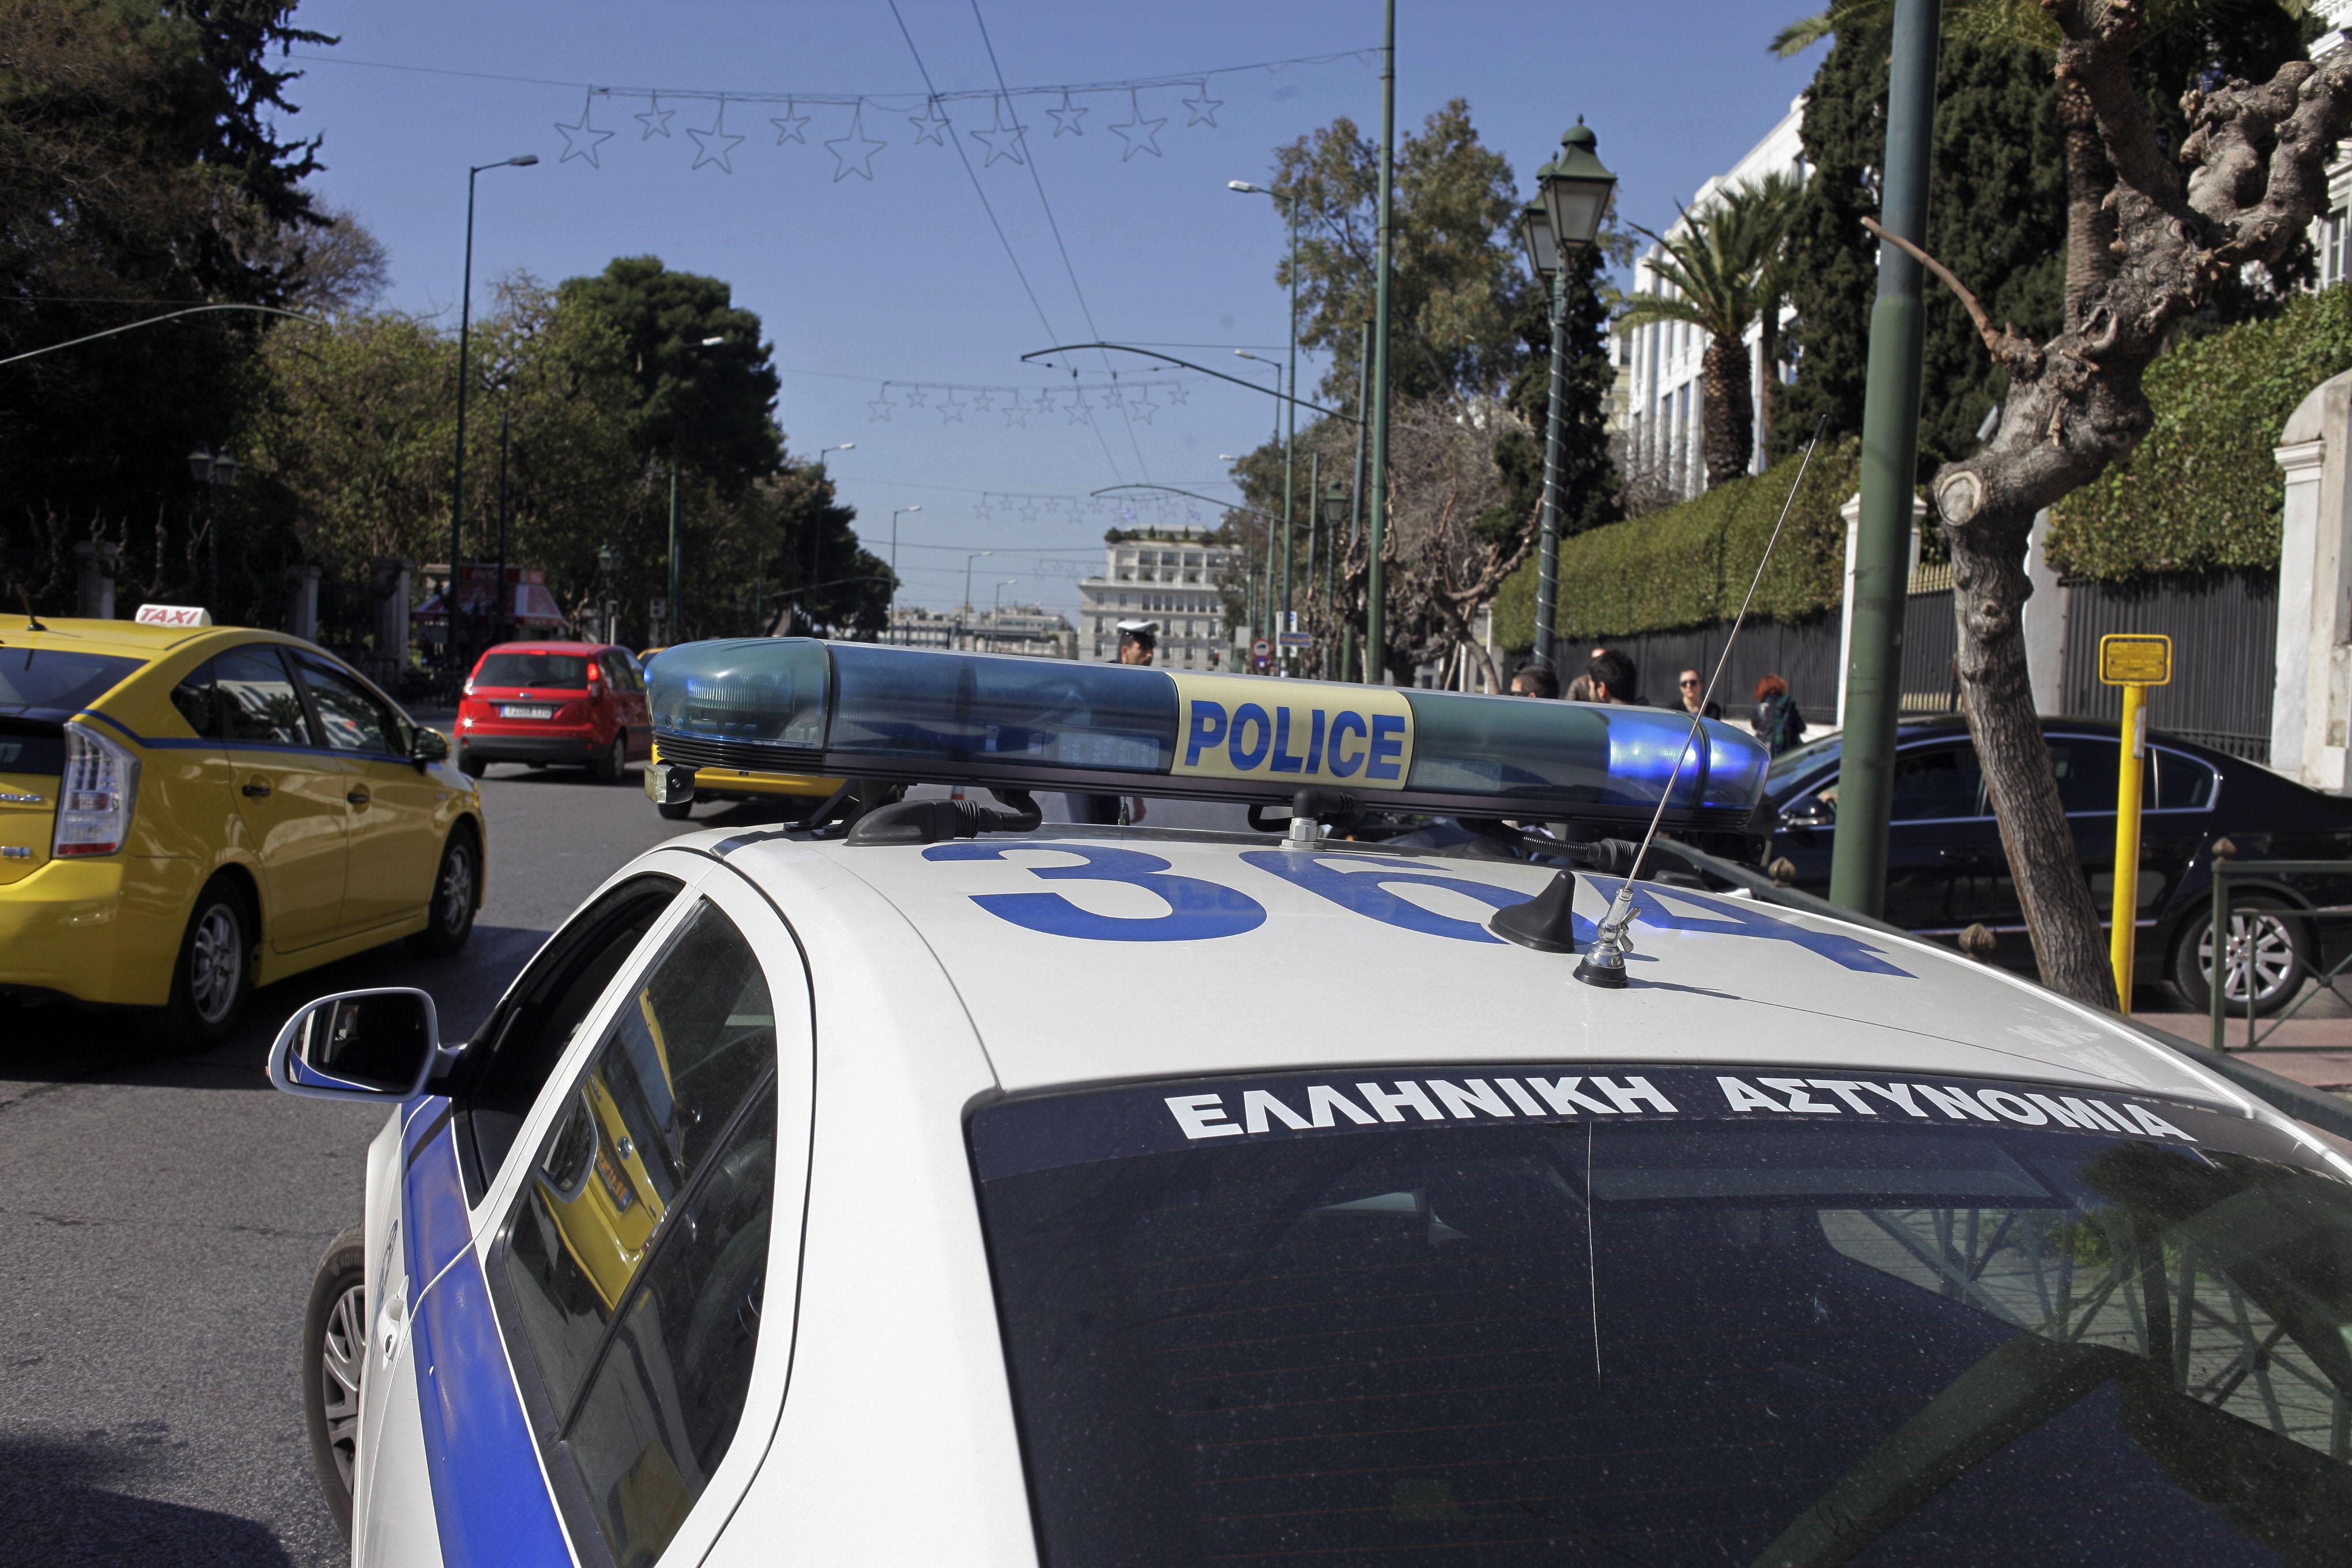 Eπιθέσεις αγνώστων τα ξημερώματα σε γραφεία του ΣΥΡΙΖΑ | tovima.gr